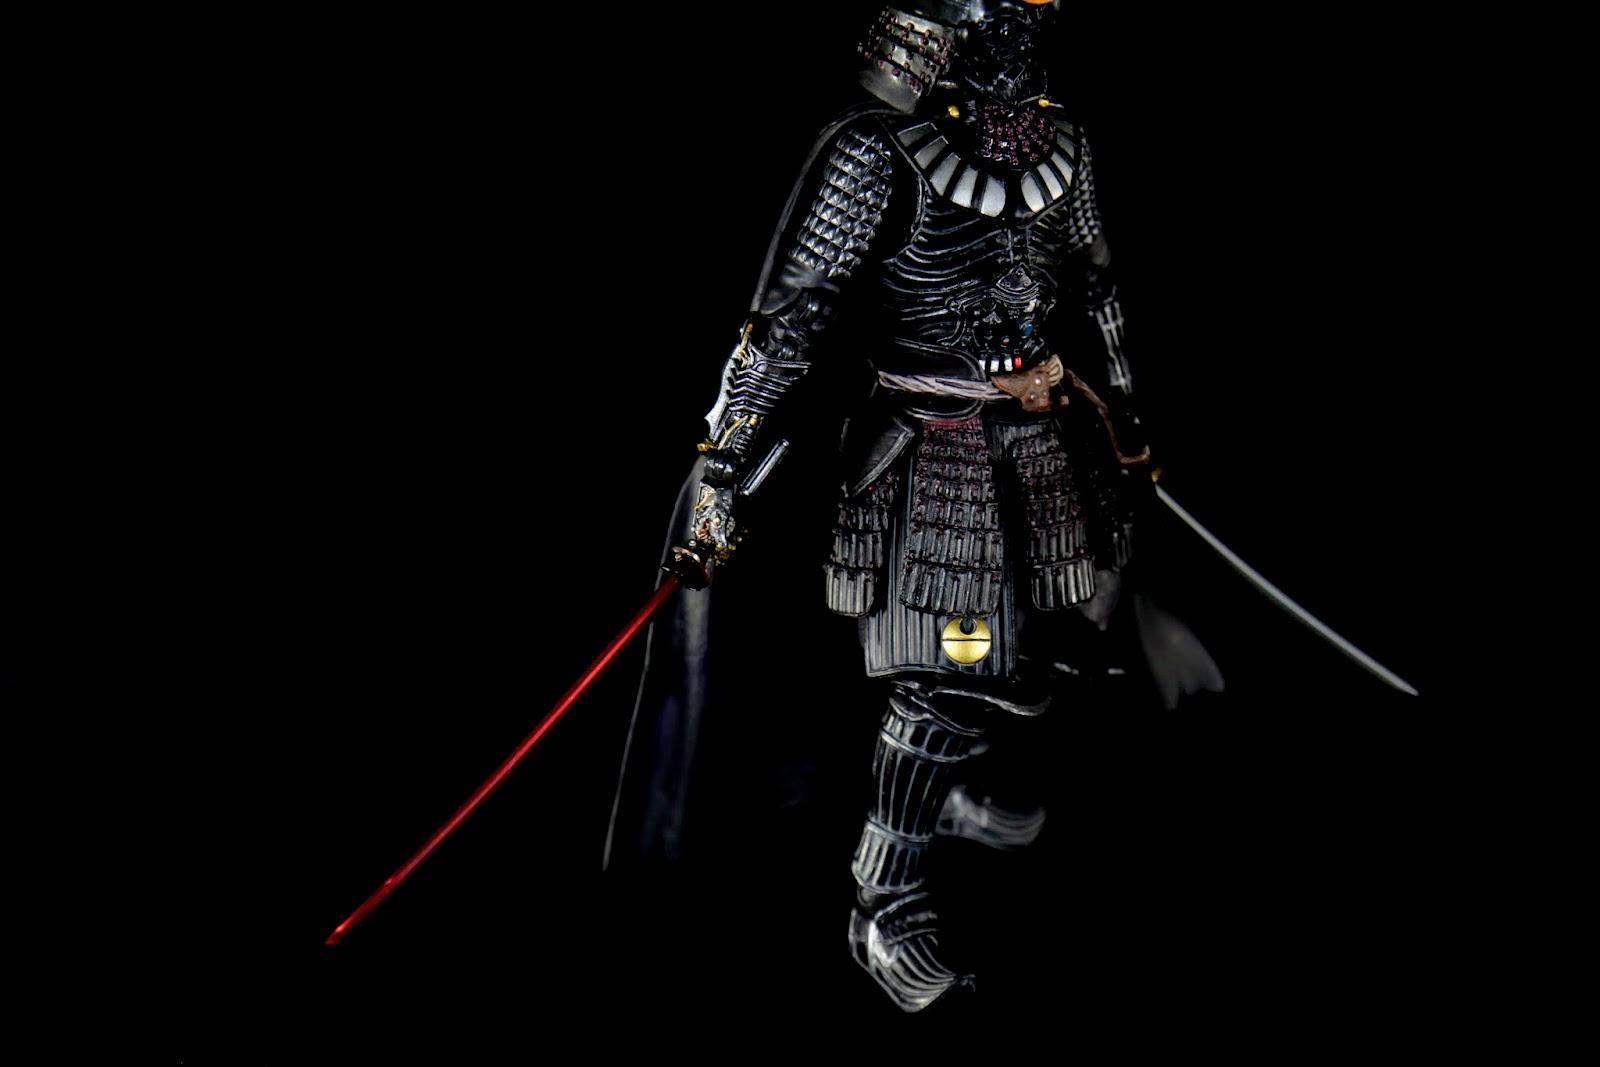 光劍刀身本身也有一個劍柄